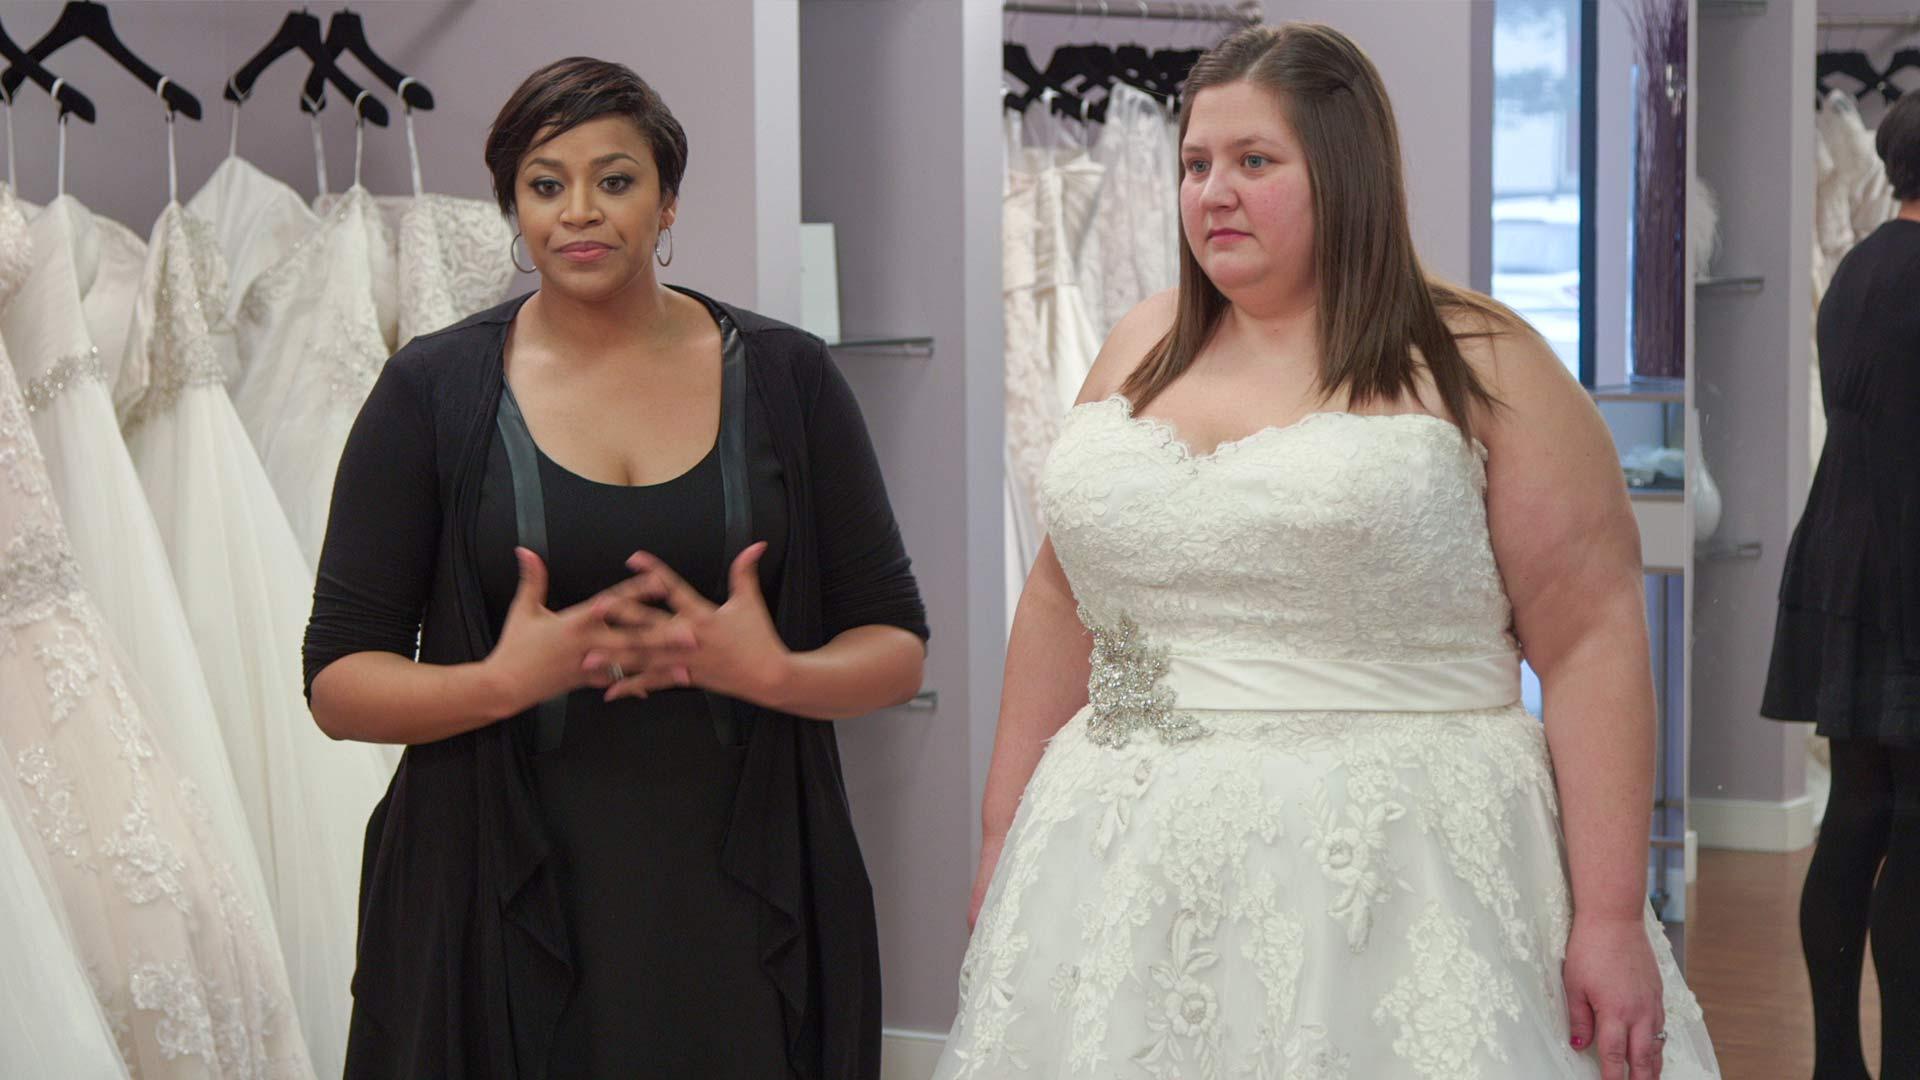 En el salón Curvaceous Couture cualquier novia puede encontrar su traje ideal